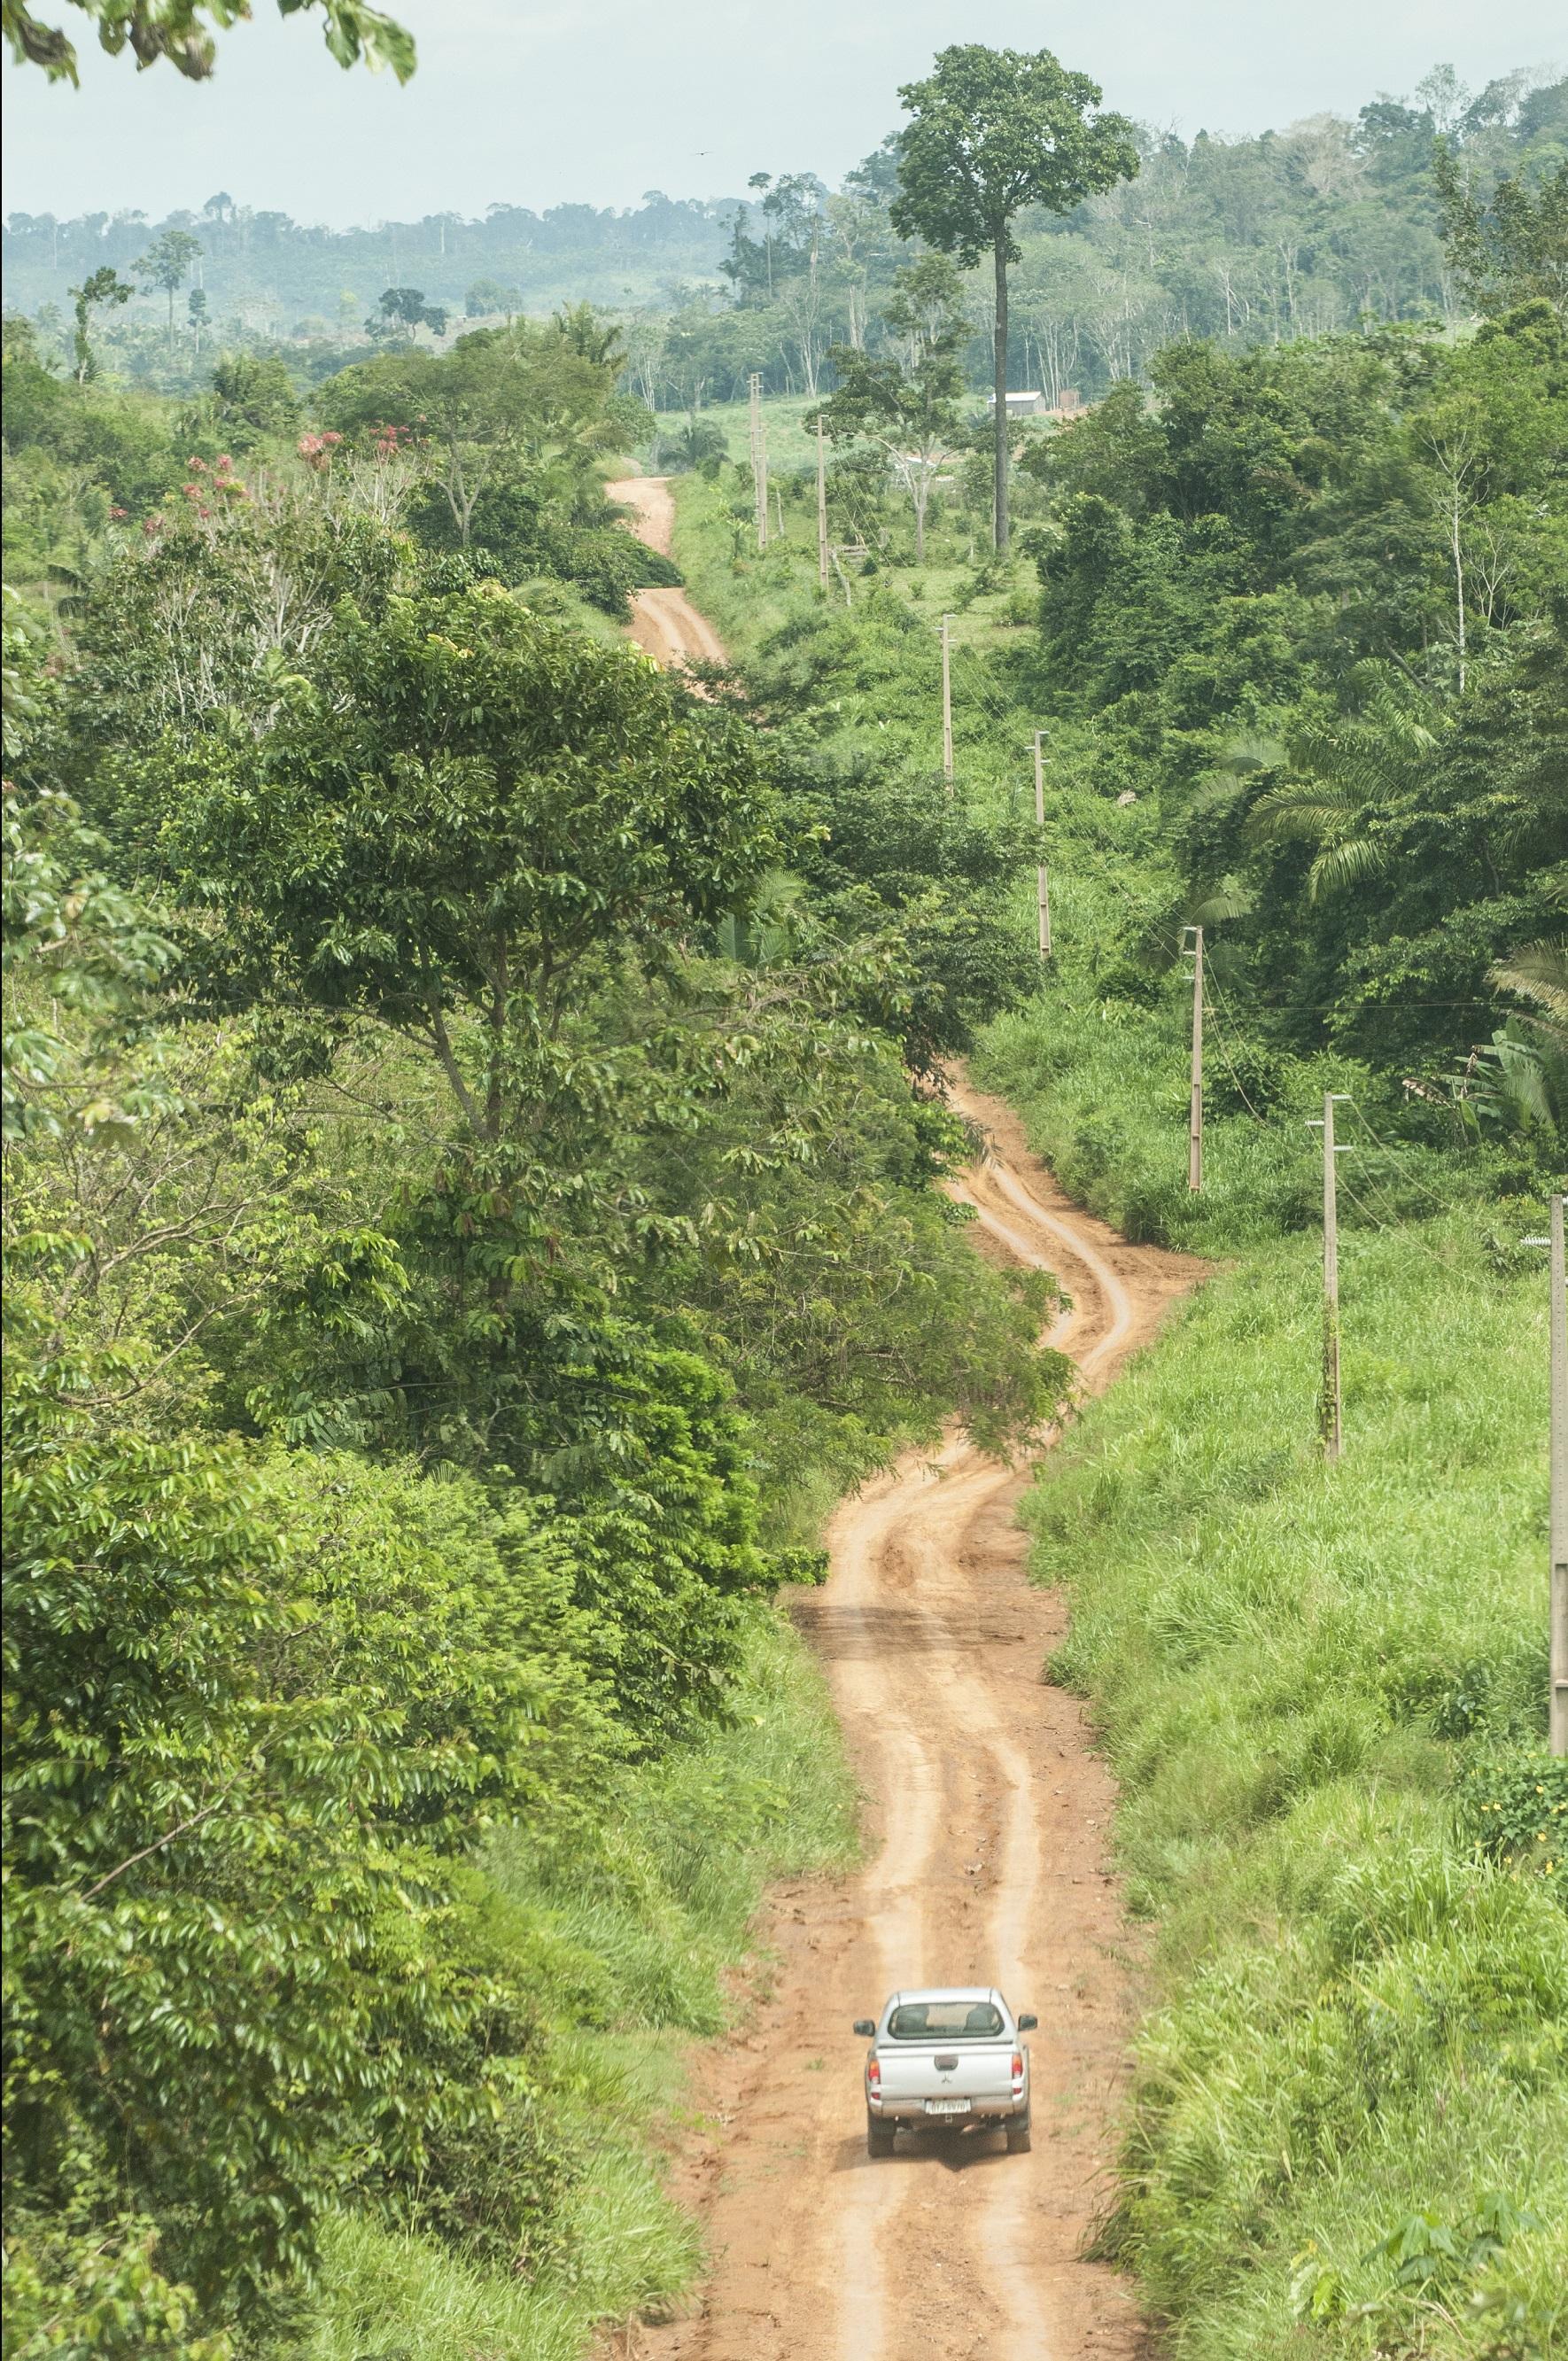 Efeitos da Belo Sun:: a área da mineradora Belo Sun, às margens do Rio Xingu (Foto André Teixeira)